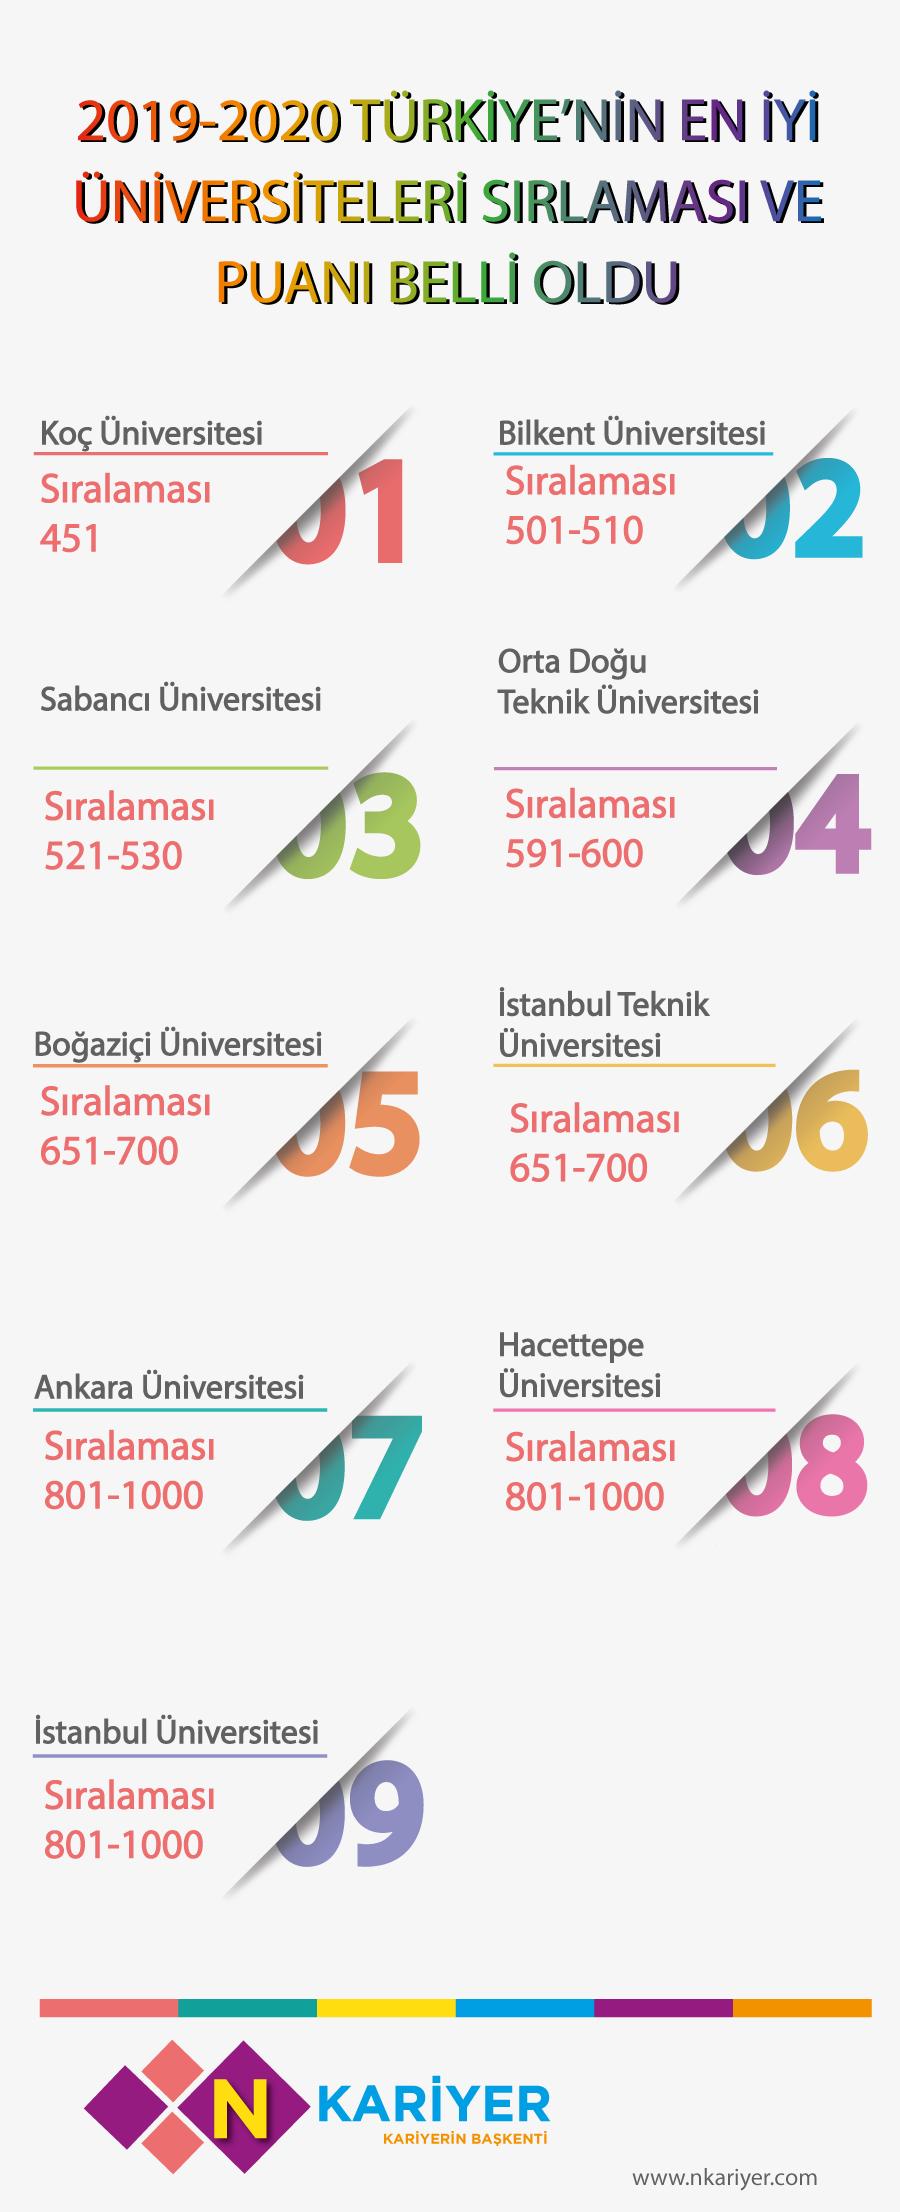 2019-2020-turkiyenin-en-iyi-universiteleri-siralamasi-belli-oldu